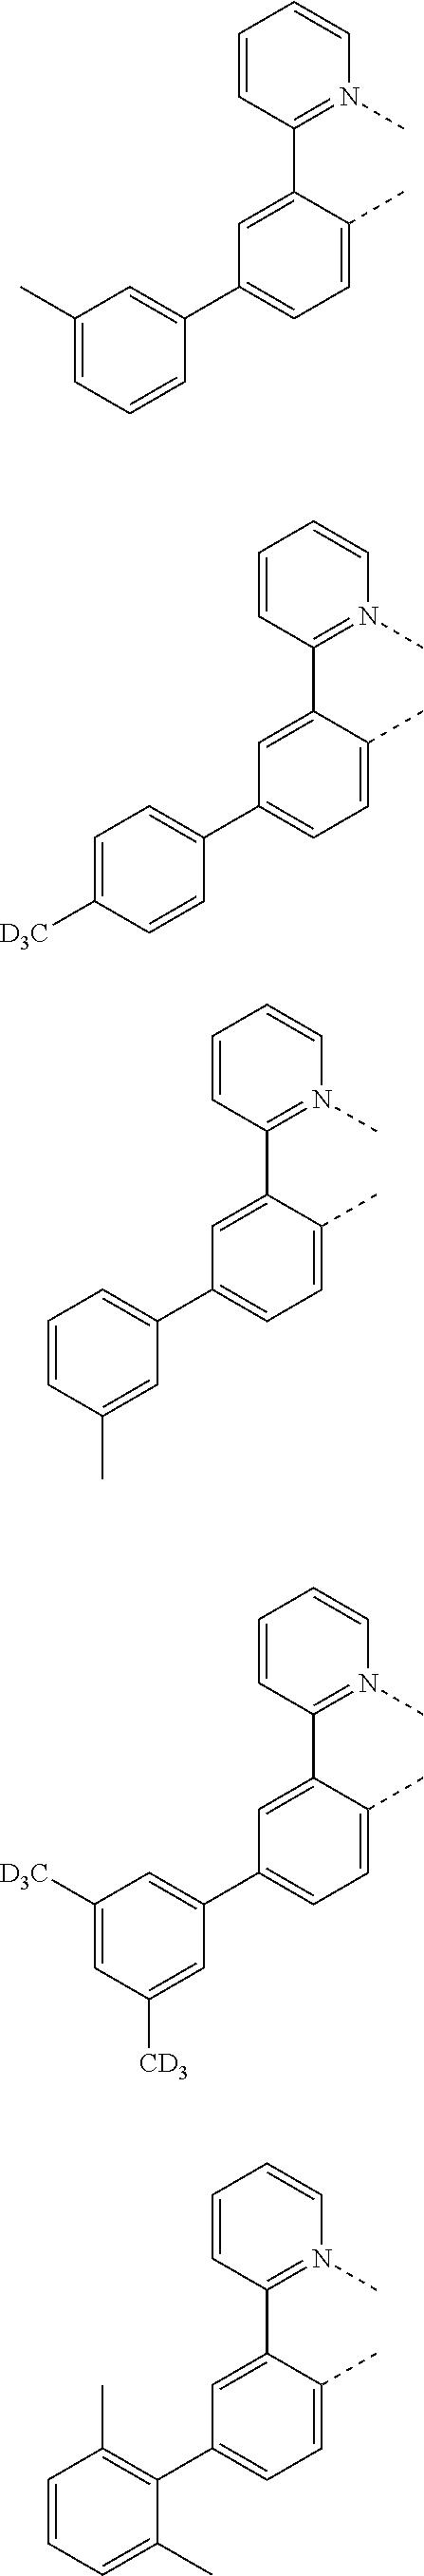 Figure US09773985-20170926-C00263